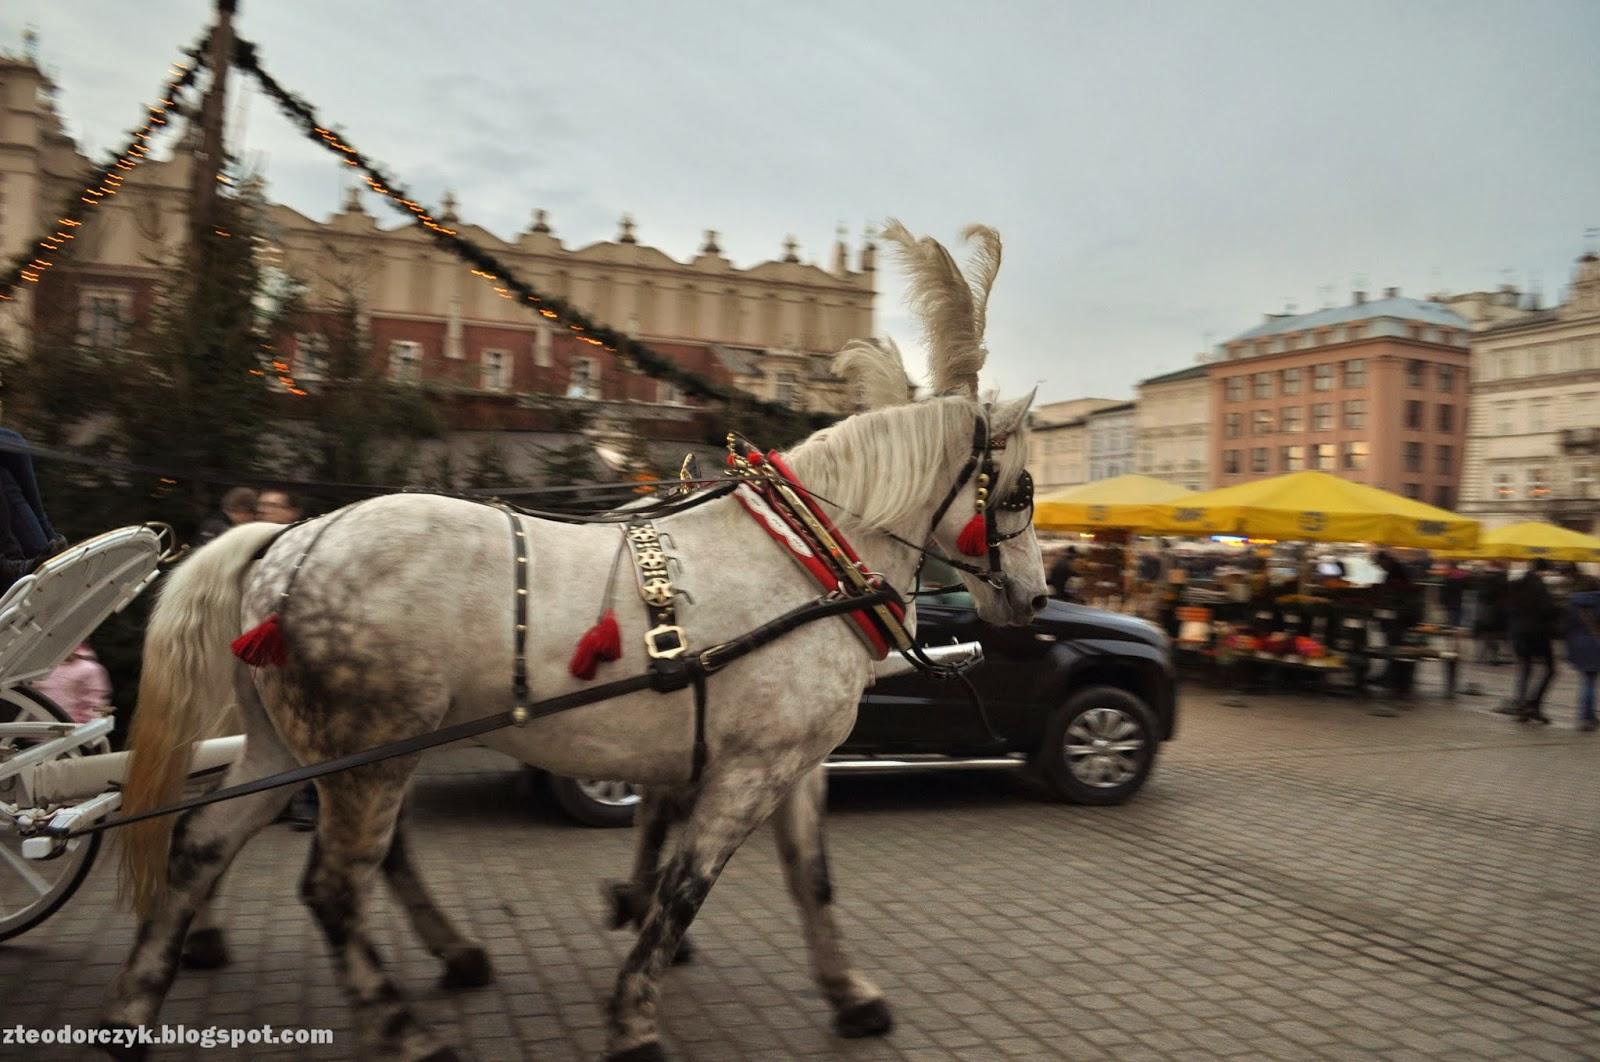 krakow, kraków, rynek, stare miasto, dorożka, konie, sukiennice, jarmark świąteczny